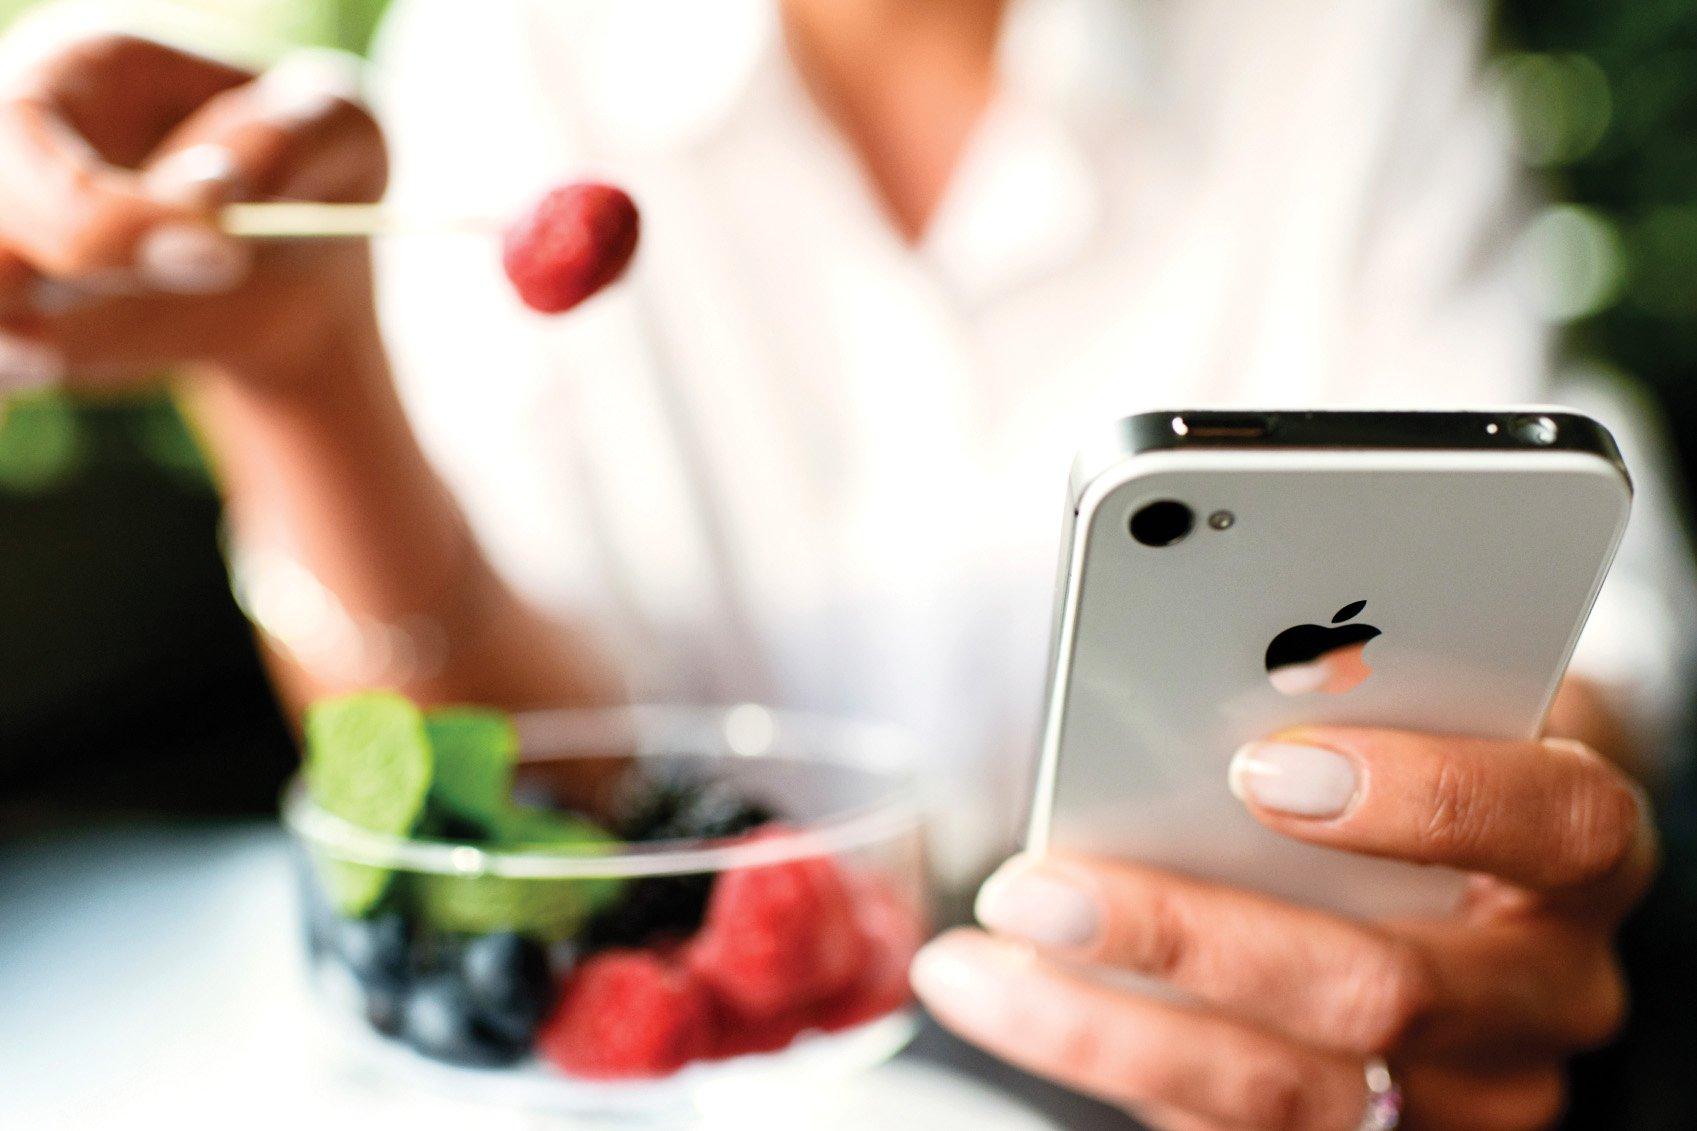 ктиторчук картинки с телефоном в руках смотреть самых устойчивых обоев